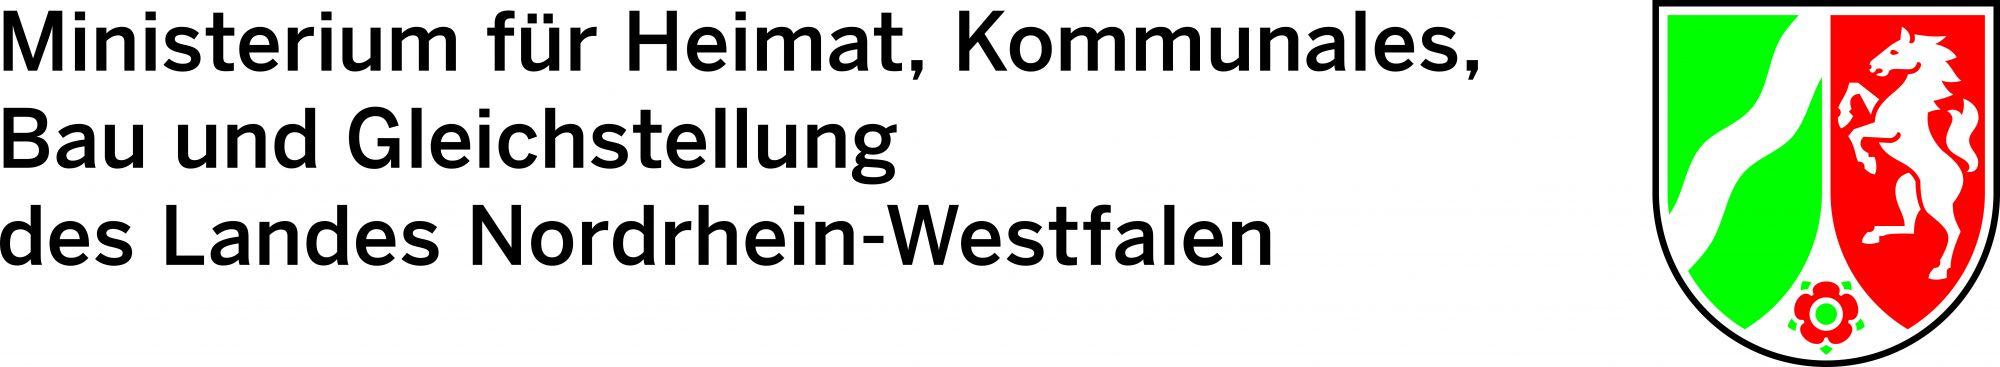 NRW_MHKBG_Farbig_